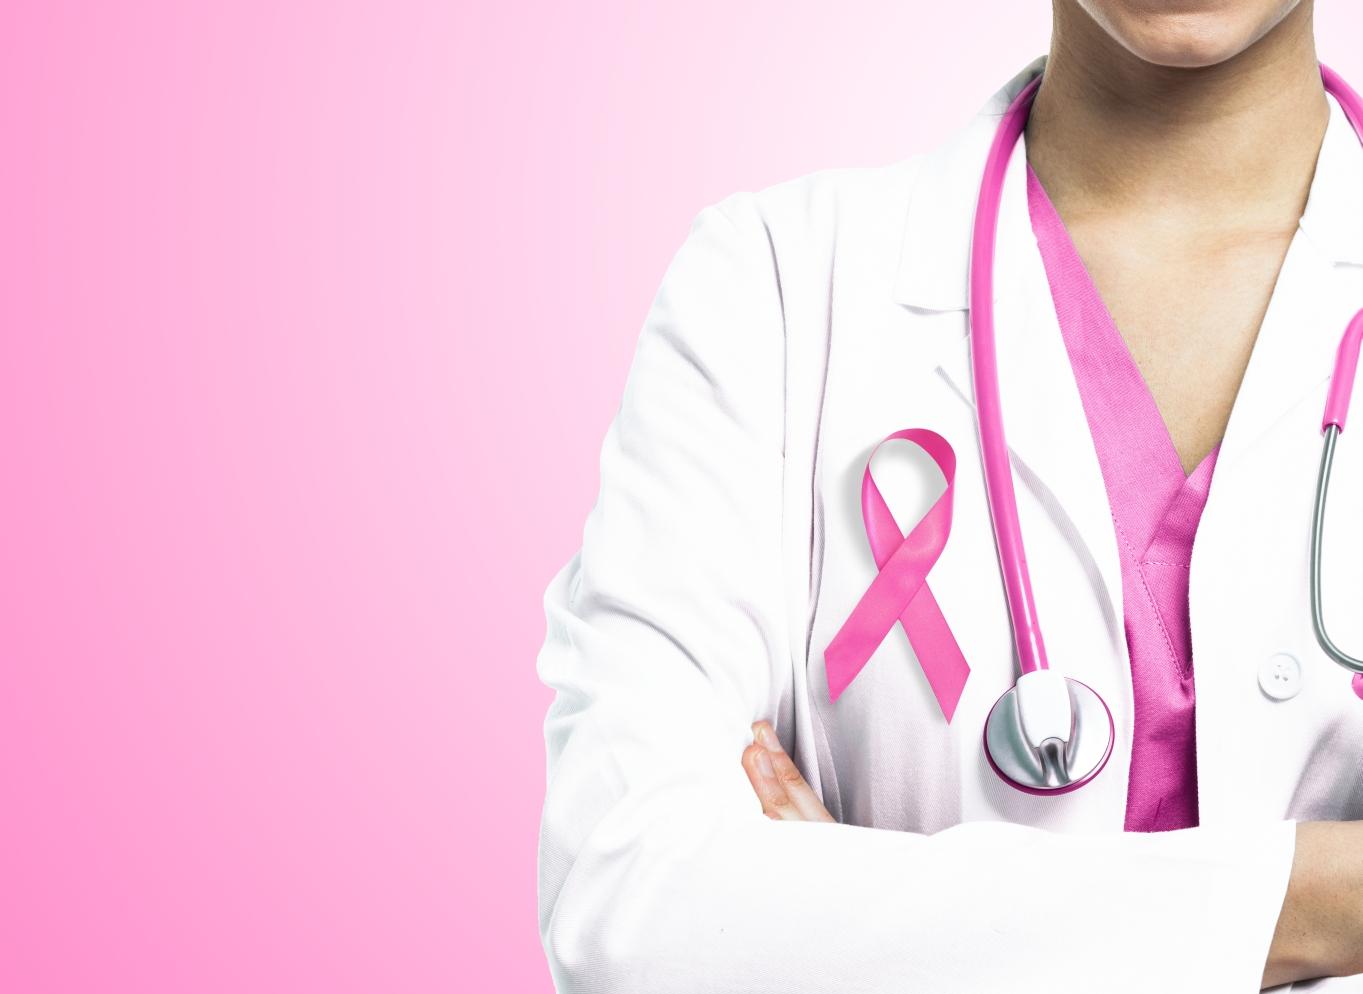 Zapraszamy na bezpłatne badanie USG piersi.